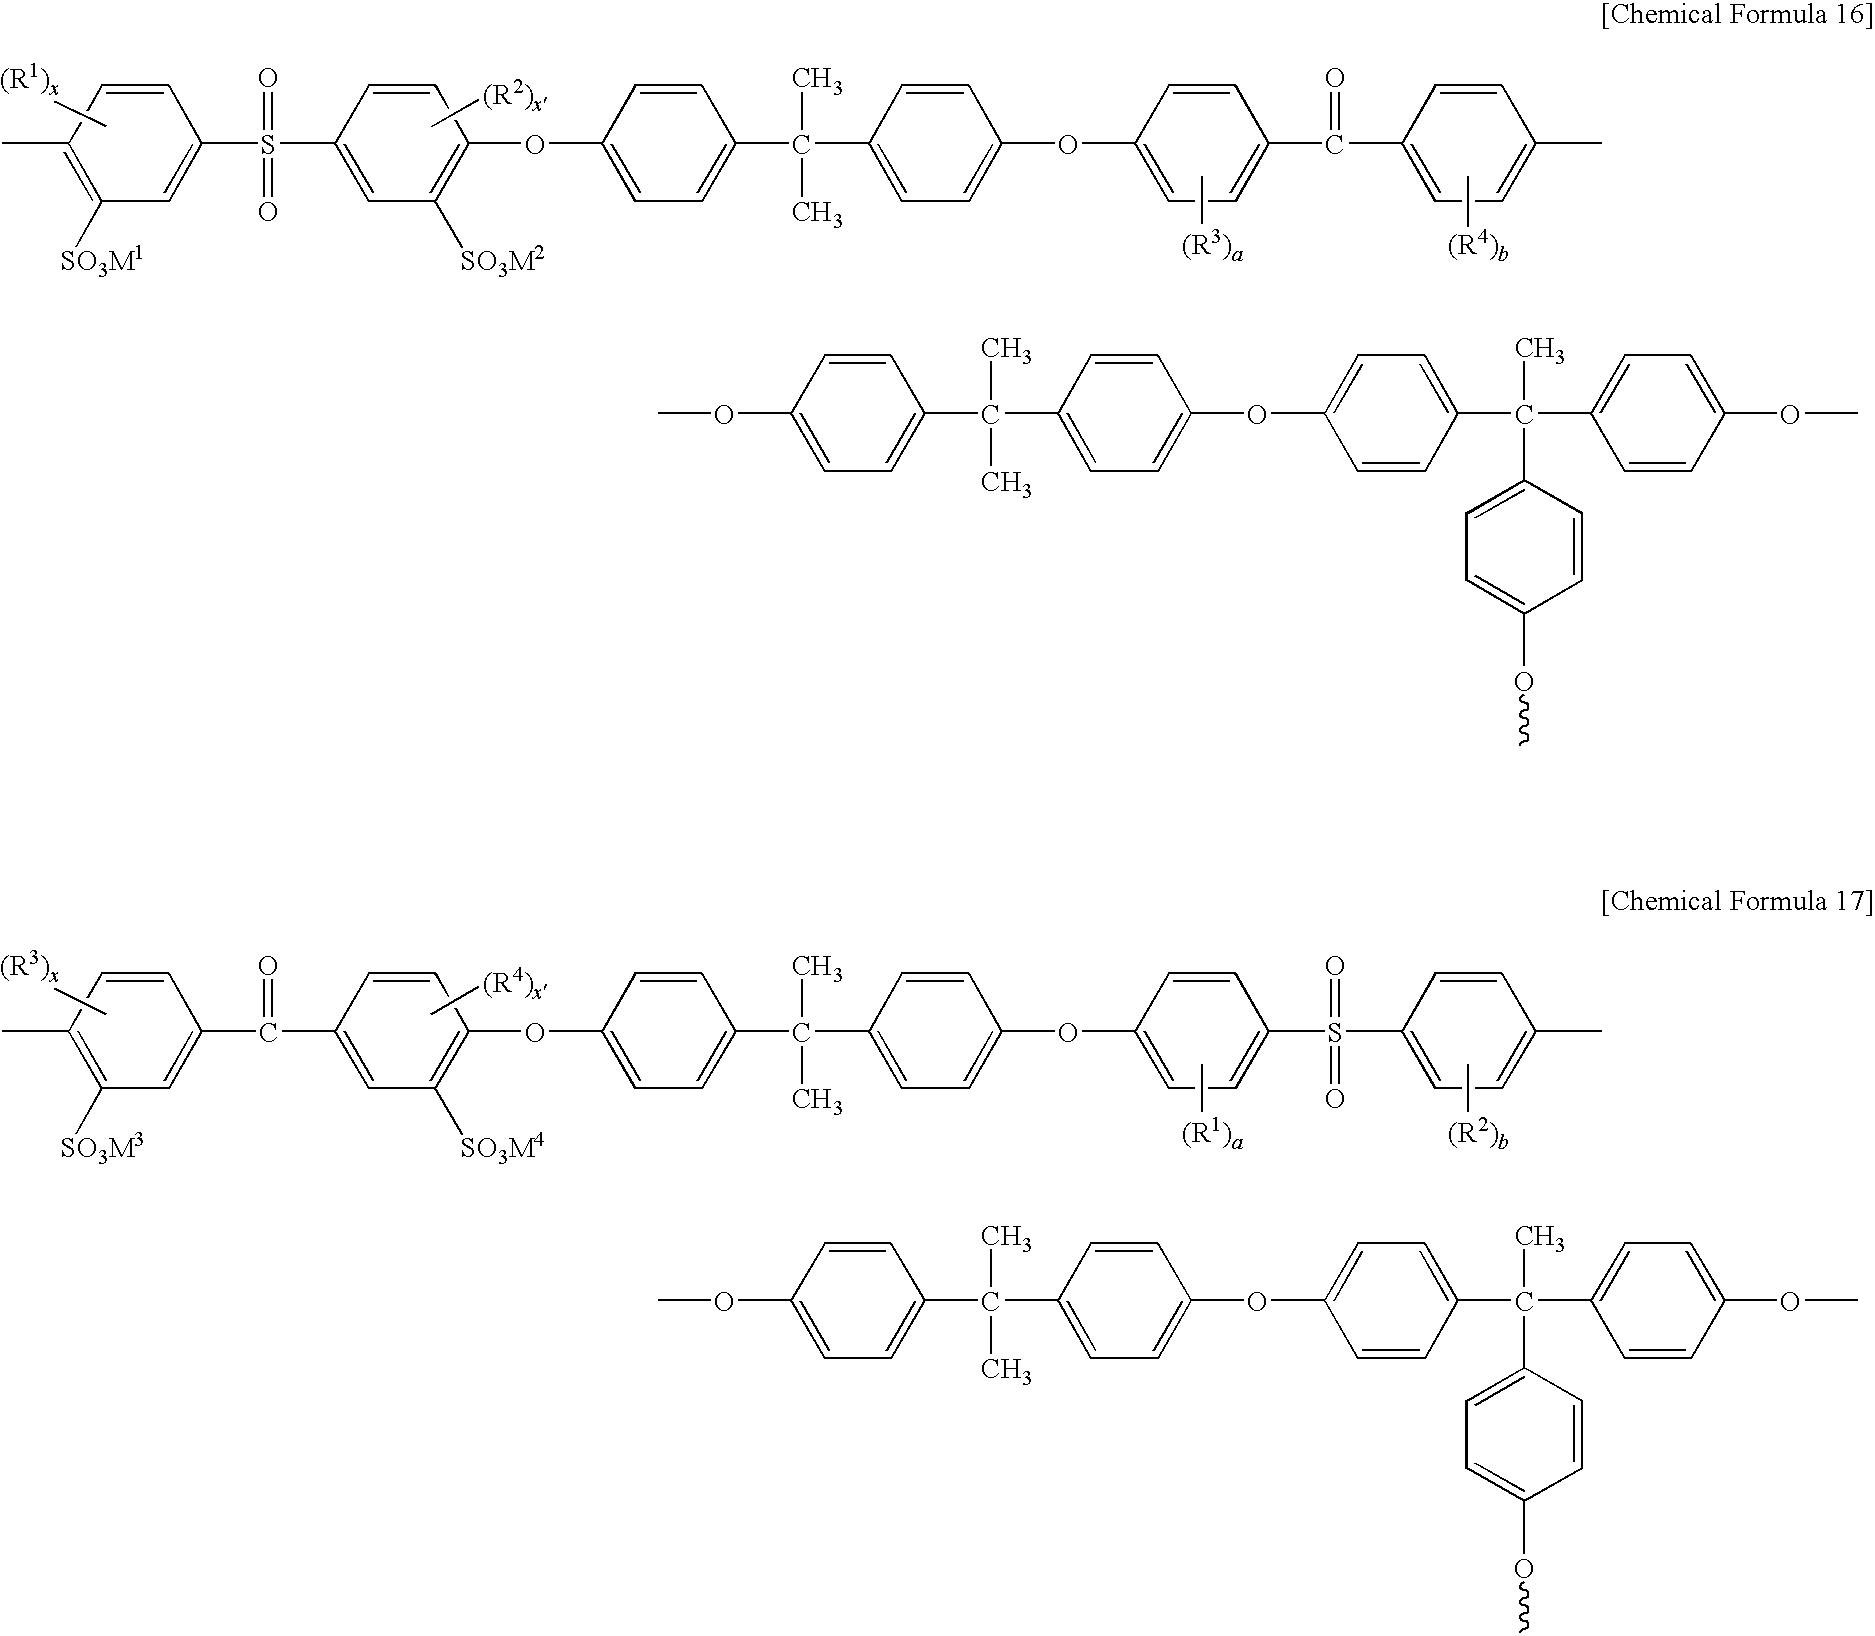 Figure US20090278073A1-20091112-C00009